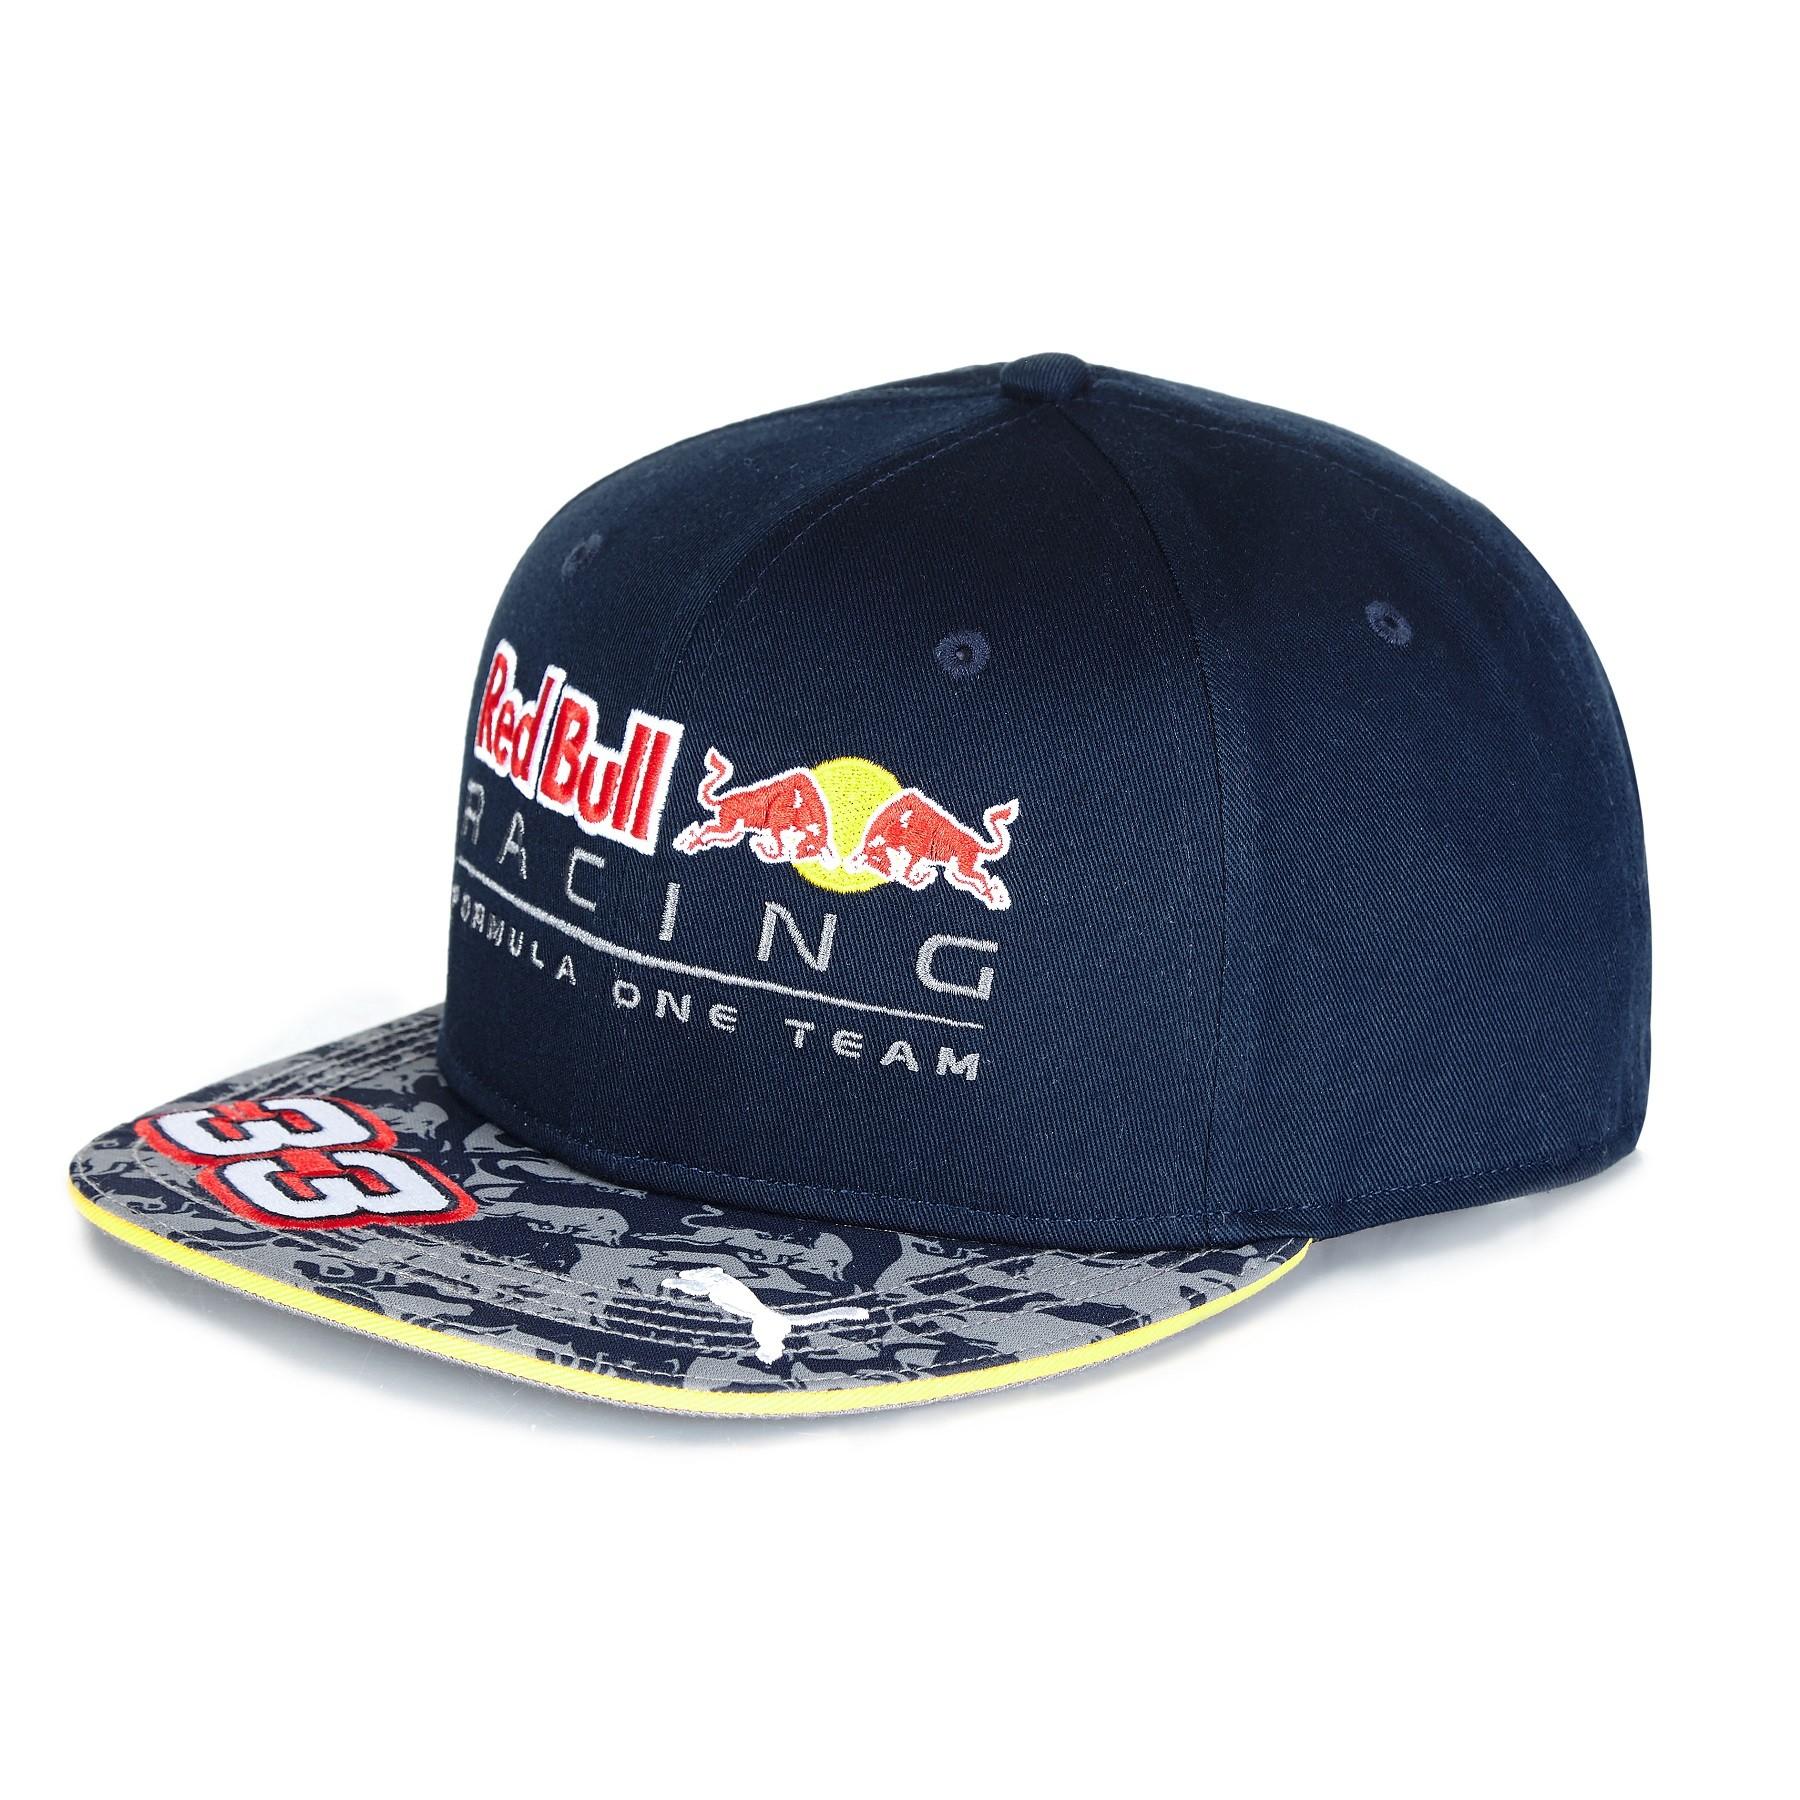 Red Bull Racing 2016 Max Verstappen Cap (Flat Brim)